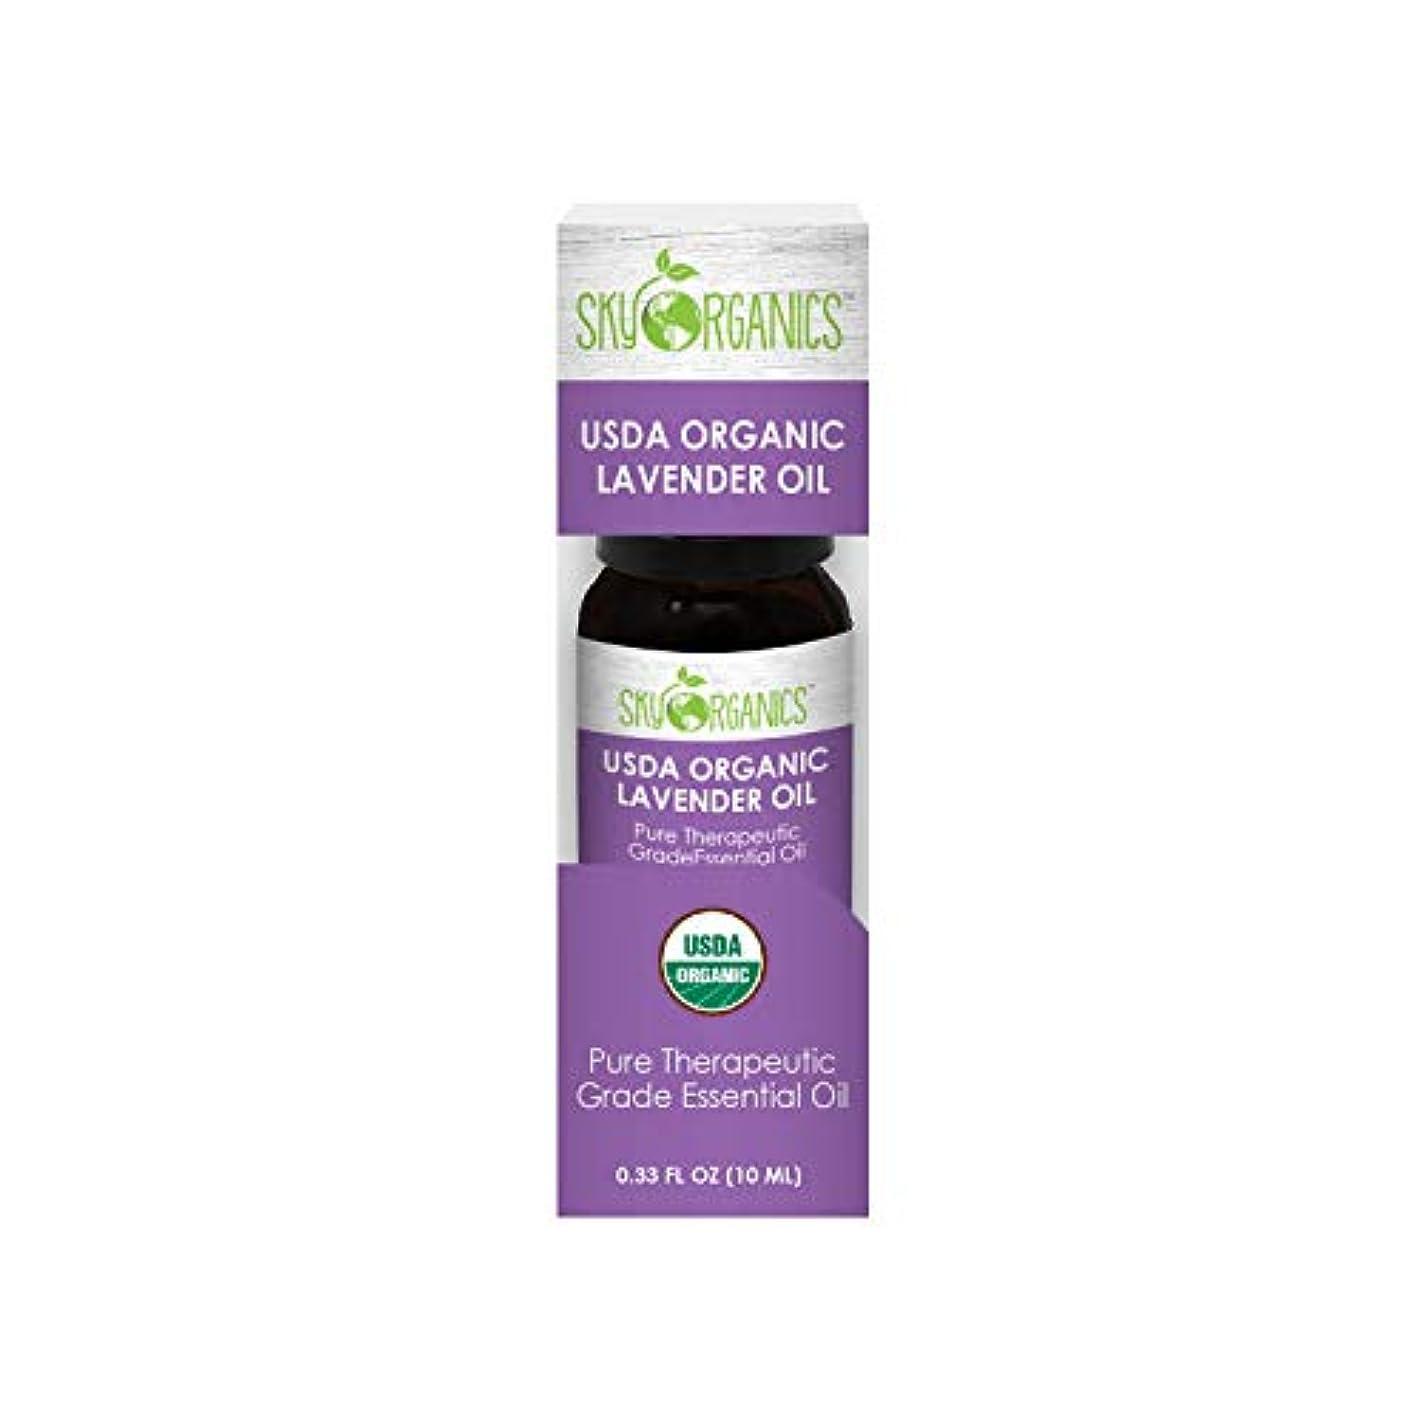 どれ侮辱意気込み認定エッセンシャルオイル Lavender Oil Sky Organics USDAオーガニックラベンダーオイル-10 ml-ピュアセラピューティックグレードのエッセンシャルオイル-ディフューザー、アロマセラピー、マッサージオイル、DIY